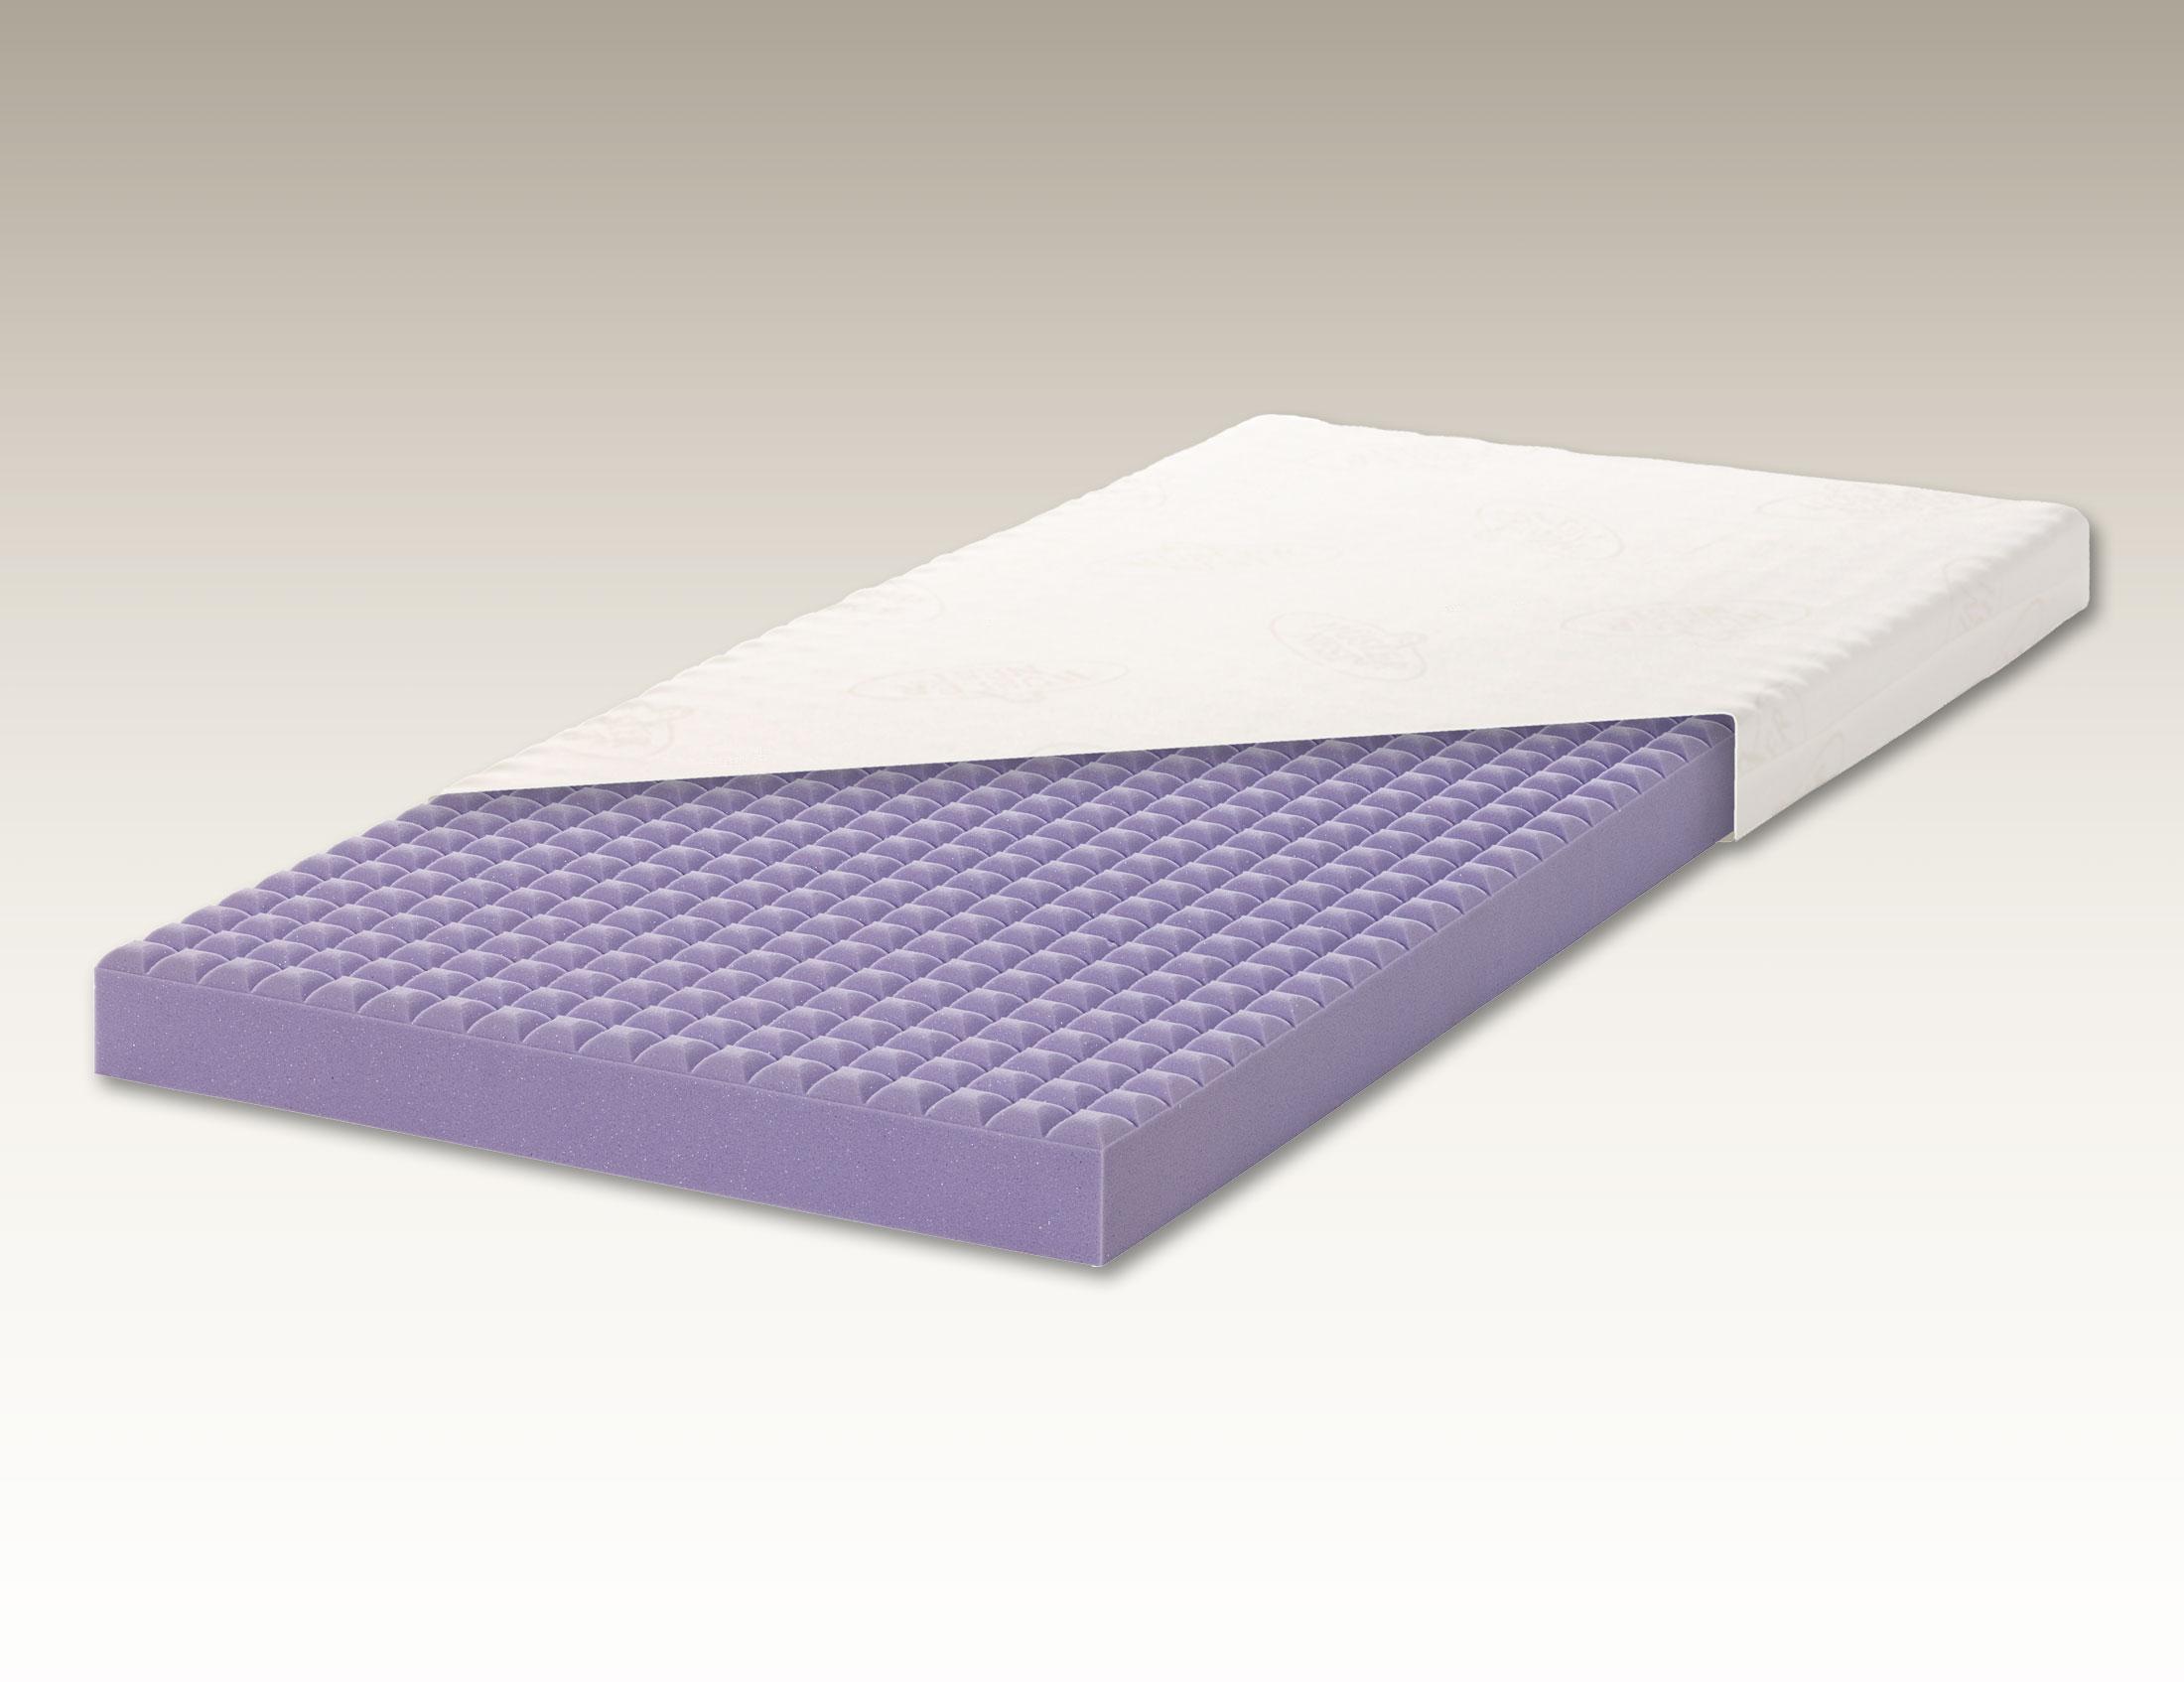 Hüsler Nest Kaltschaum Matratze Soft 10 cm günstig online kaufen